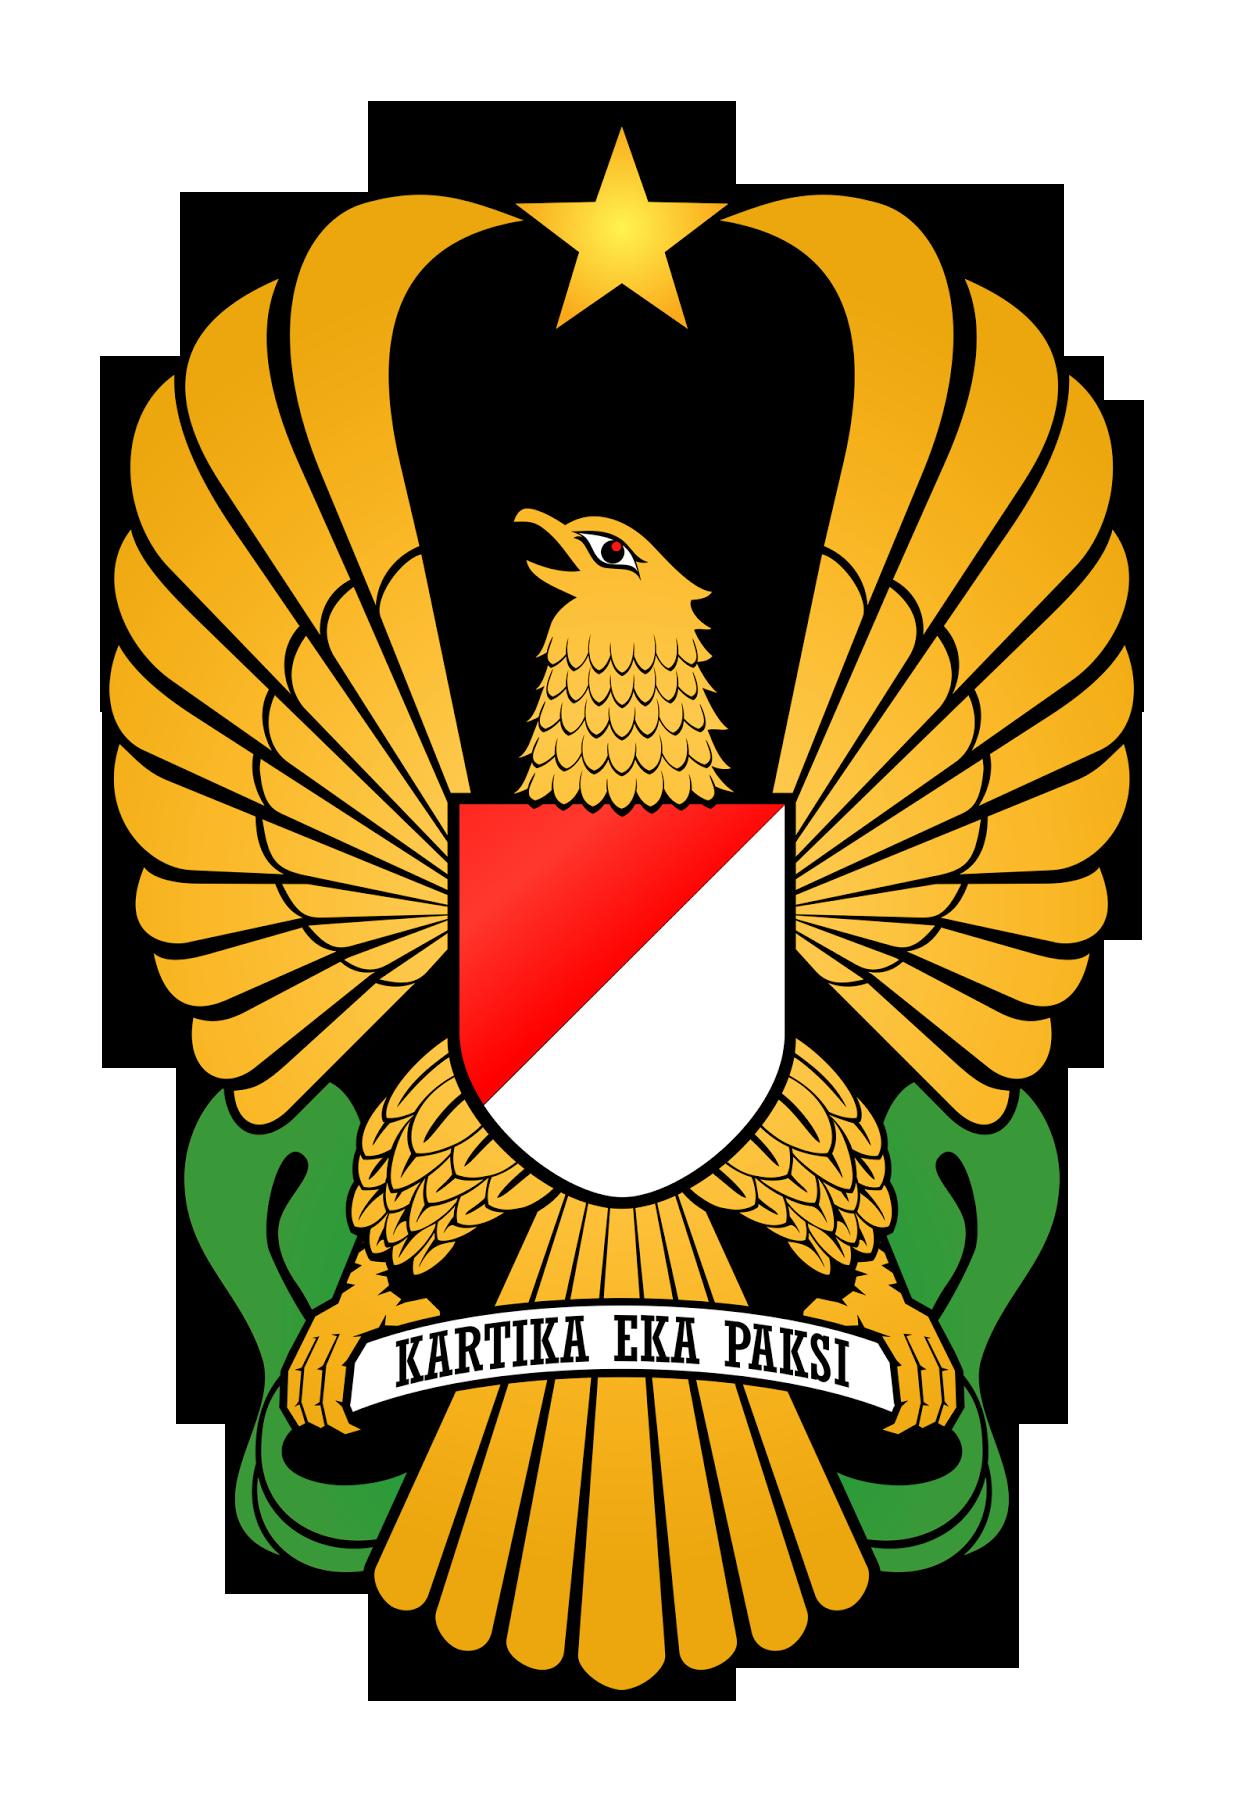 Logo TNI AD (Tentara Negara Indonesia Angkatan Darat)